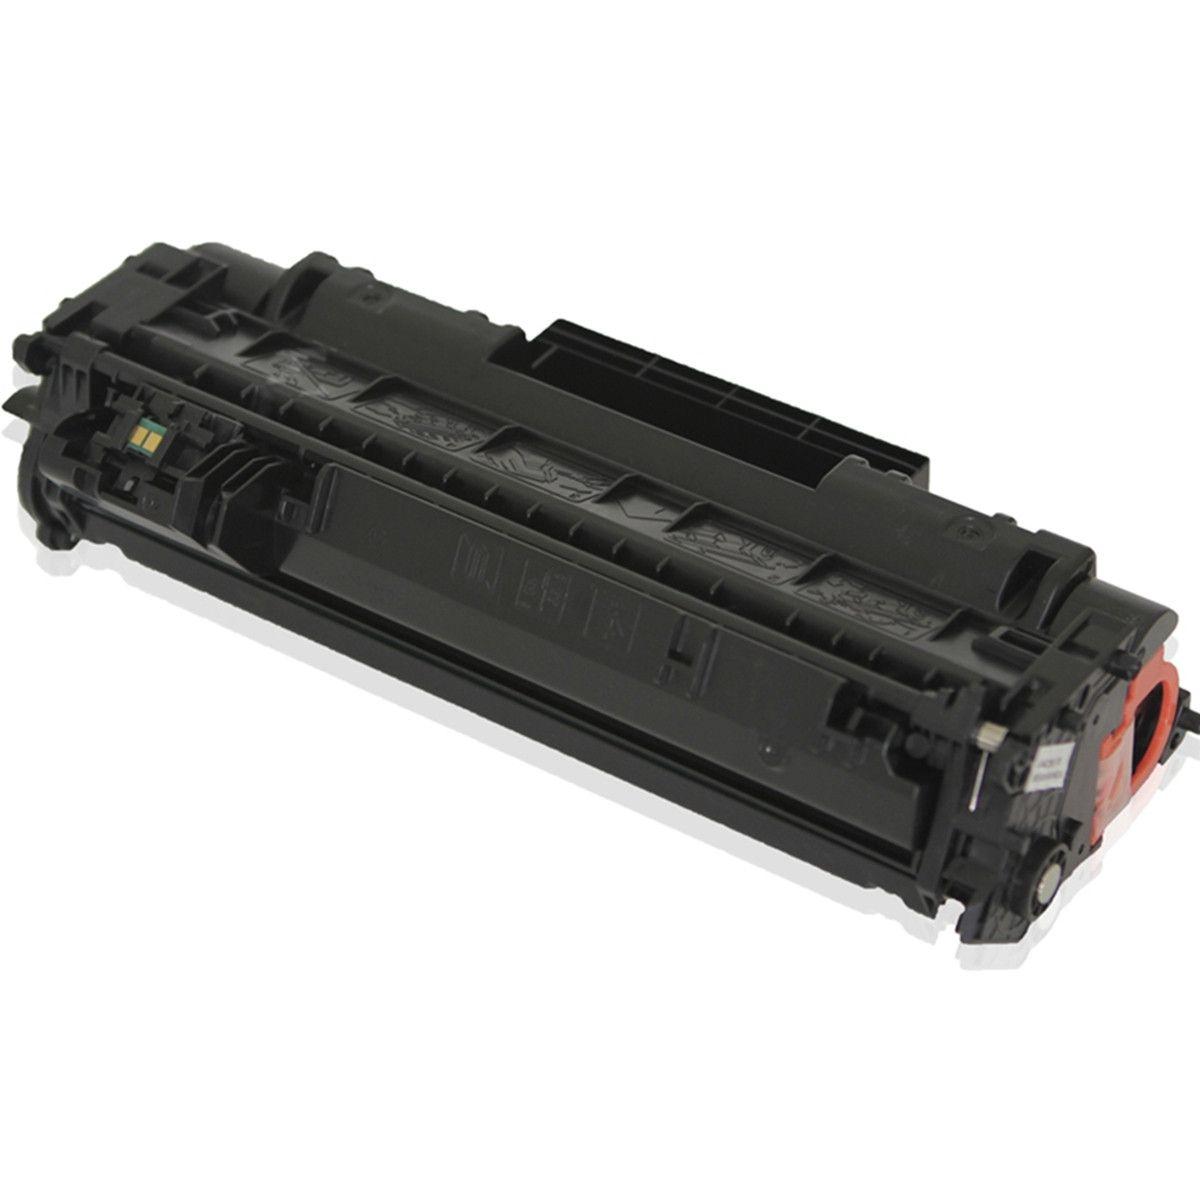 Toner Compatível HP CF281A 281A 81A | M601N M606DN M603DW M604DN M605N M630 |10.500 Páginas - Cartucho & Cia